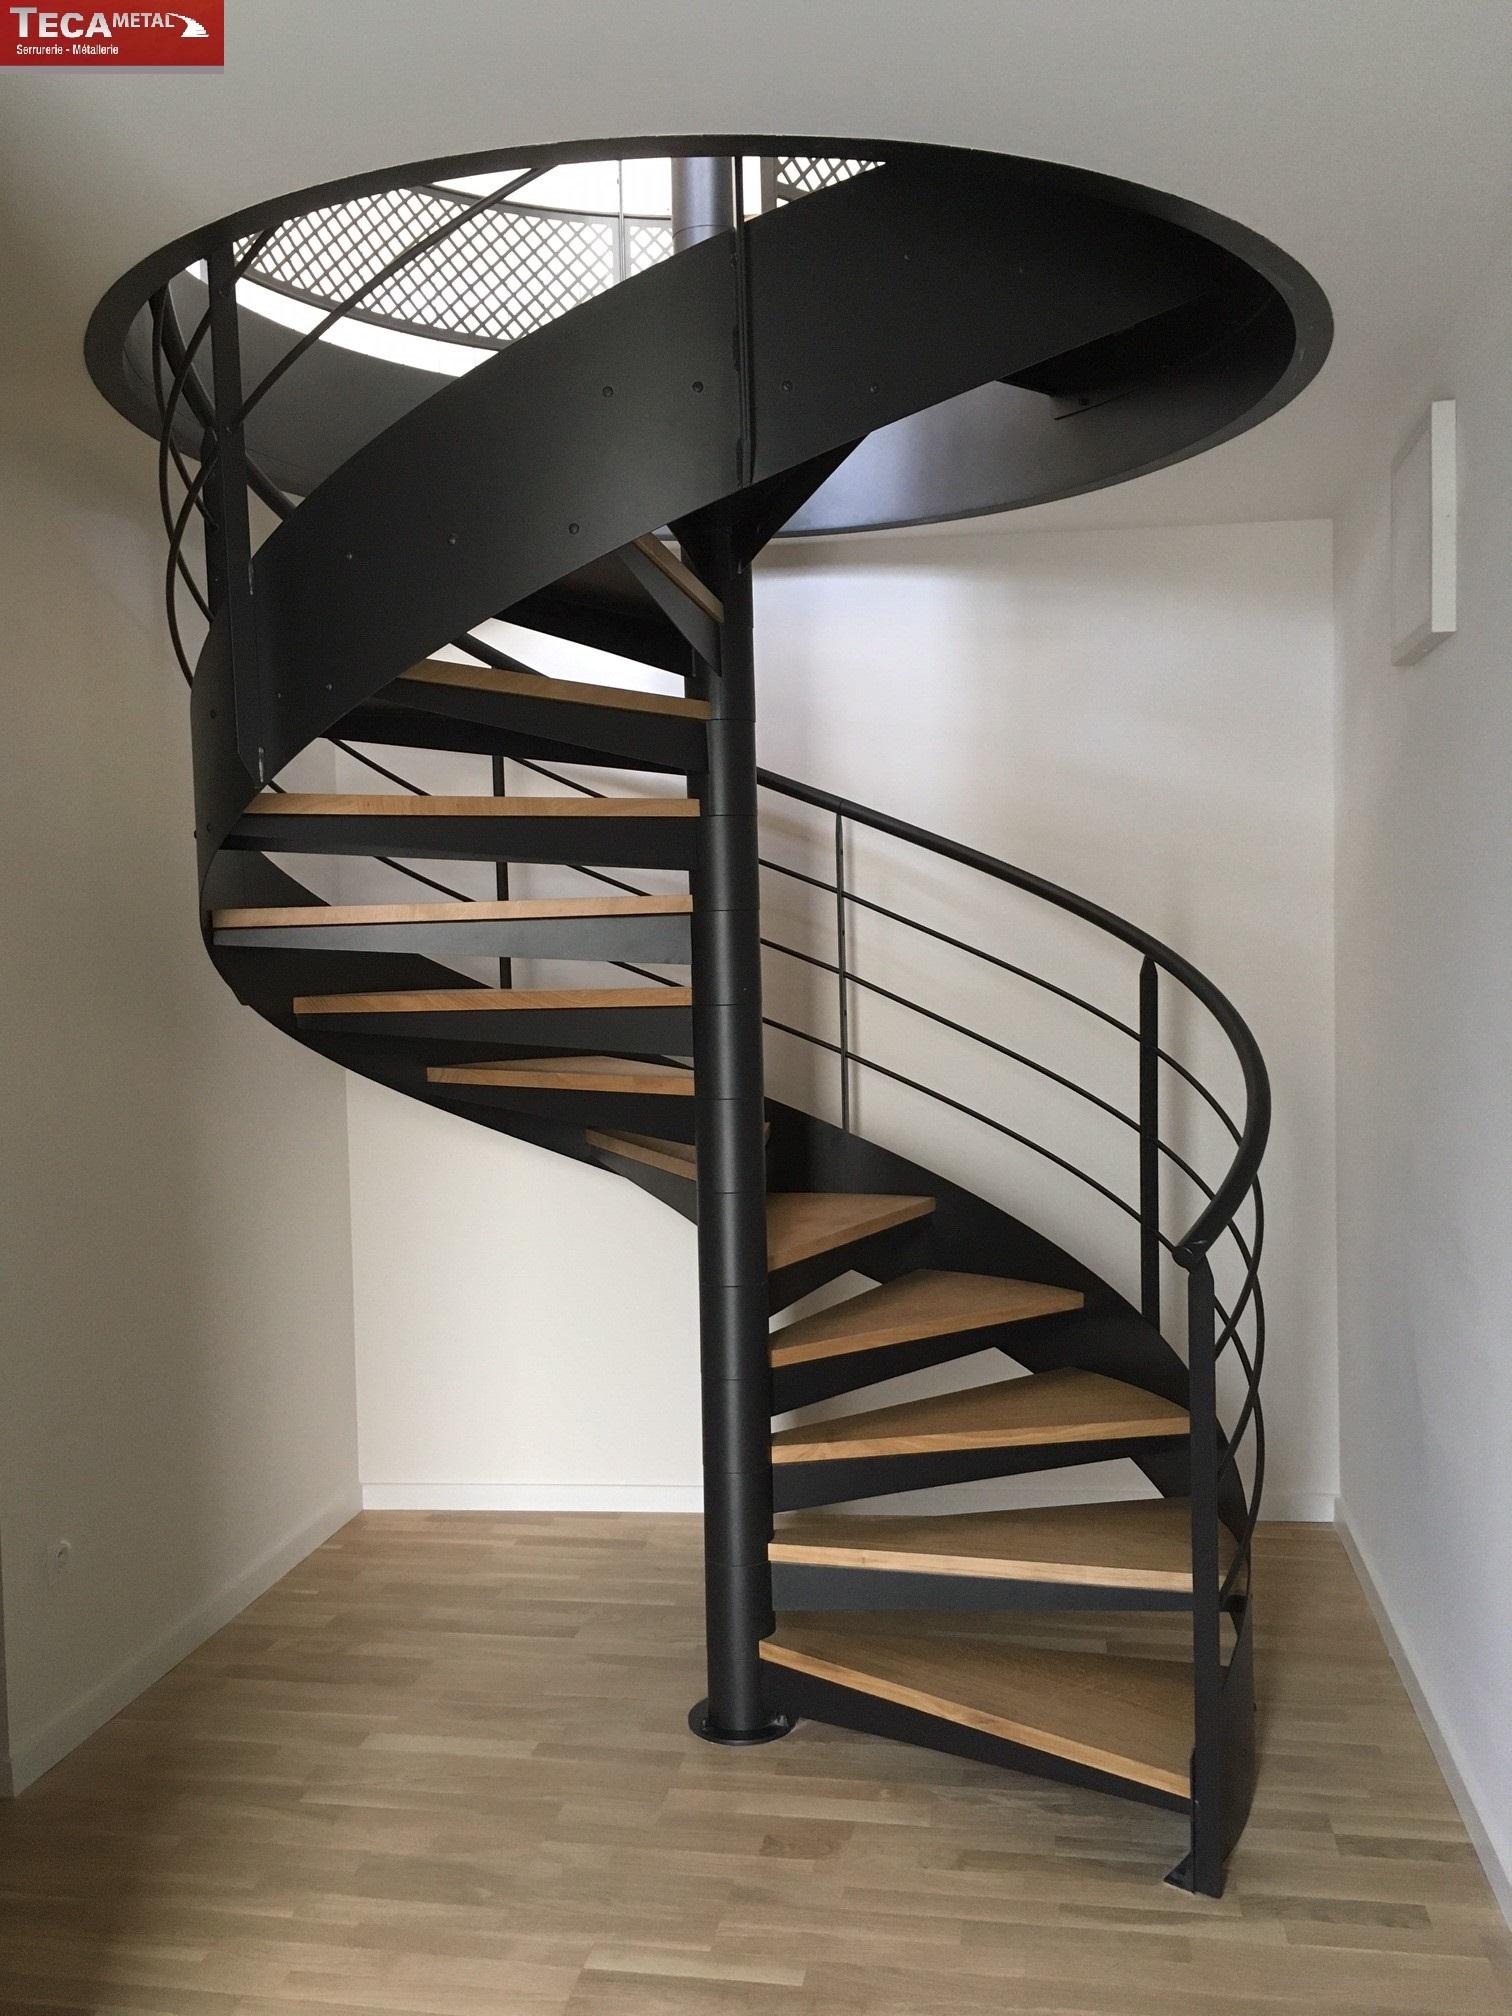 Escalier Hlicodal Modle Le Sublime TECAMETAL